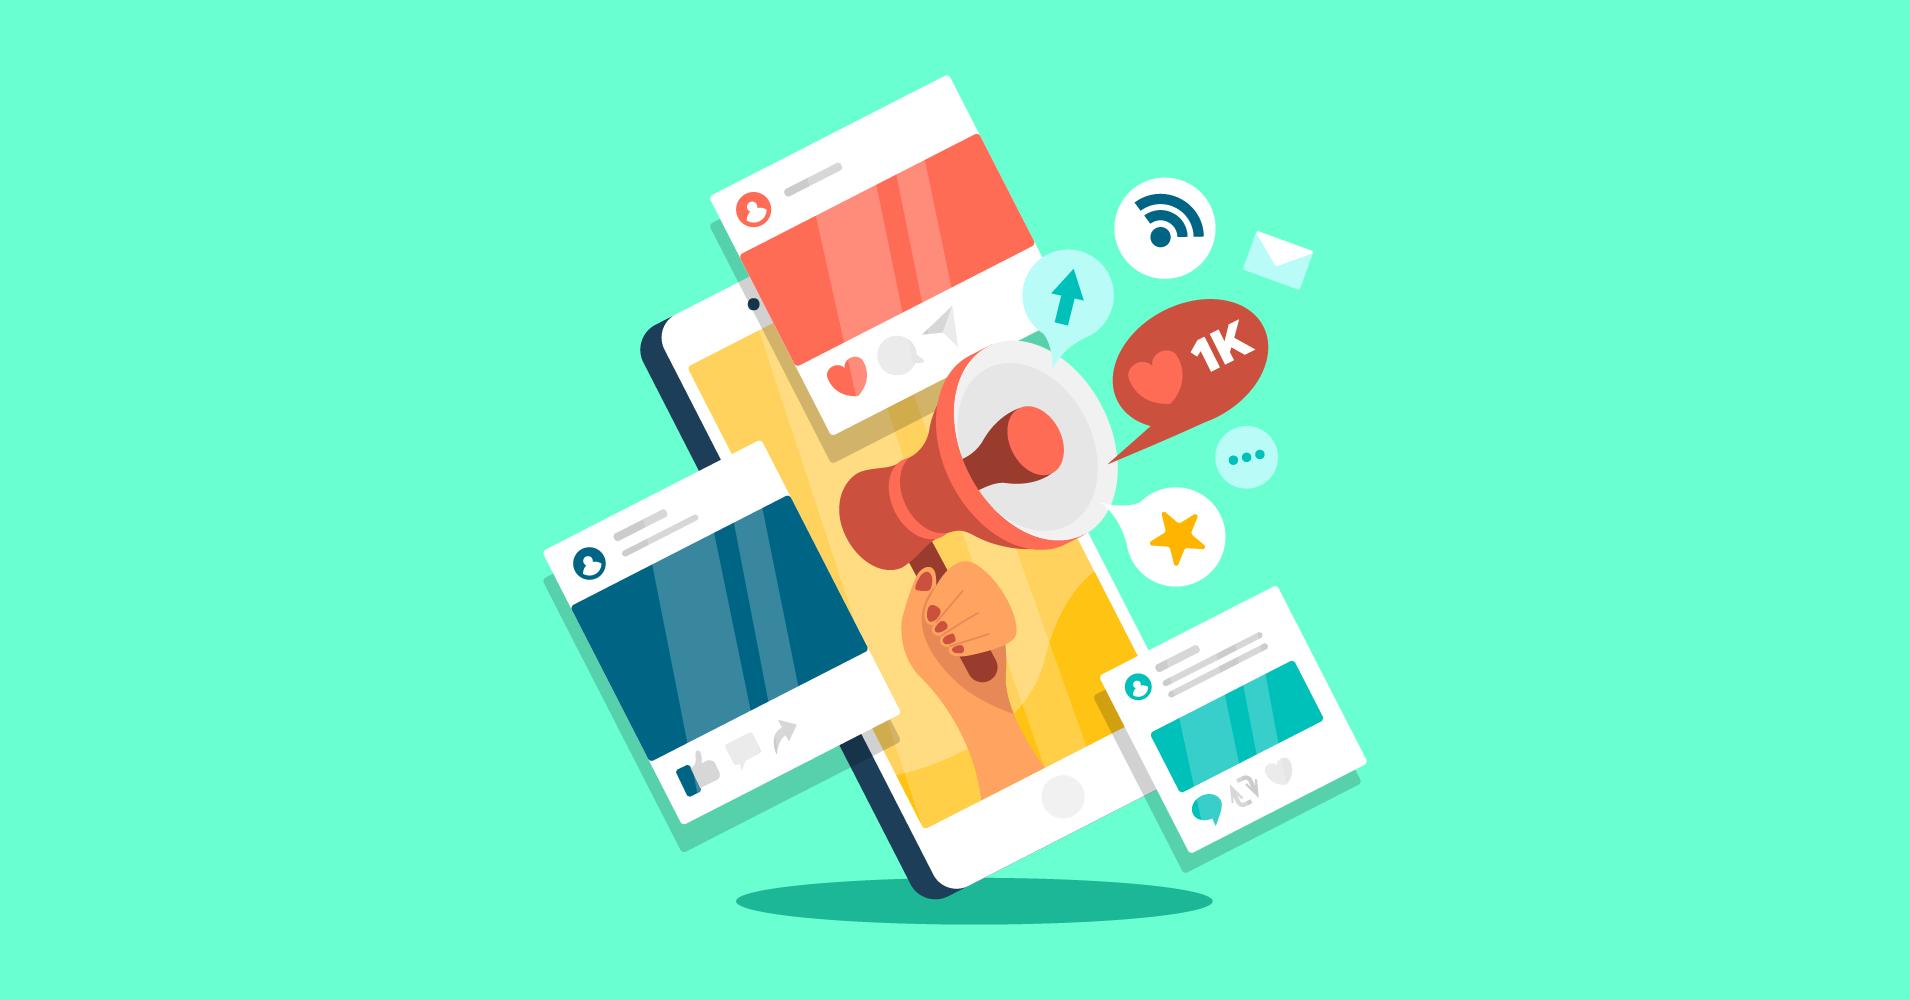 Best Social Media Marketing Strategies To Excel In 2021